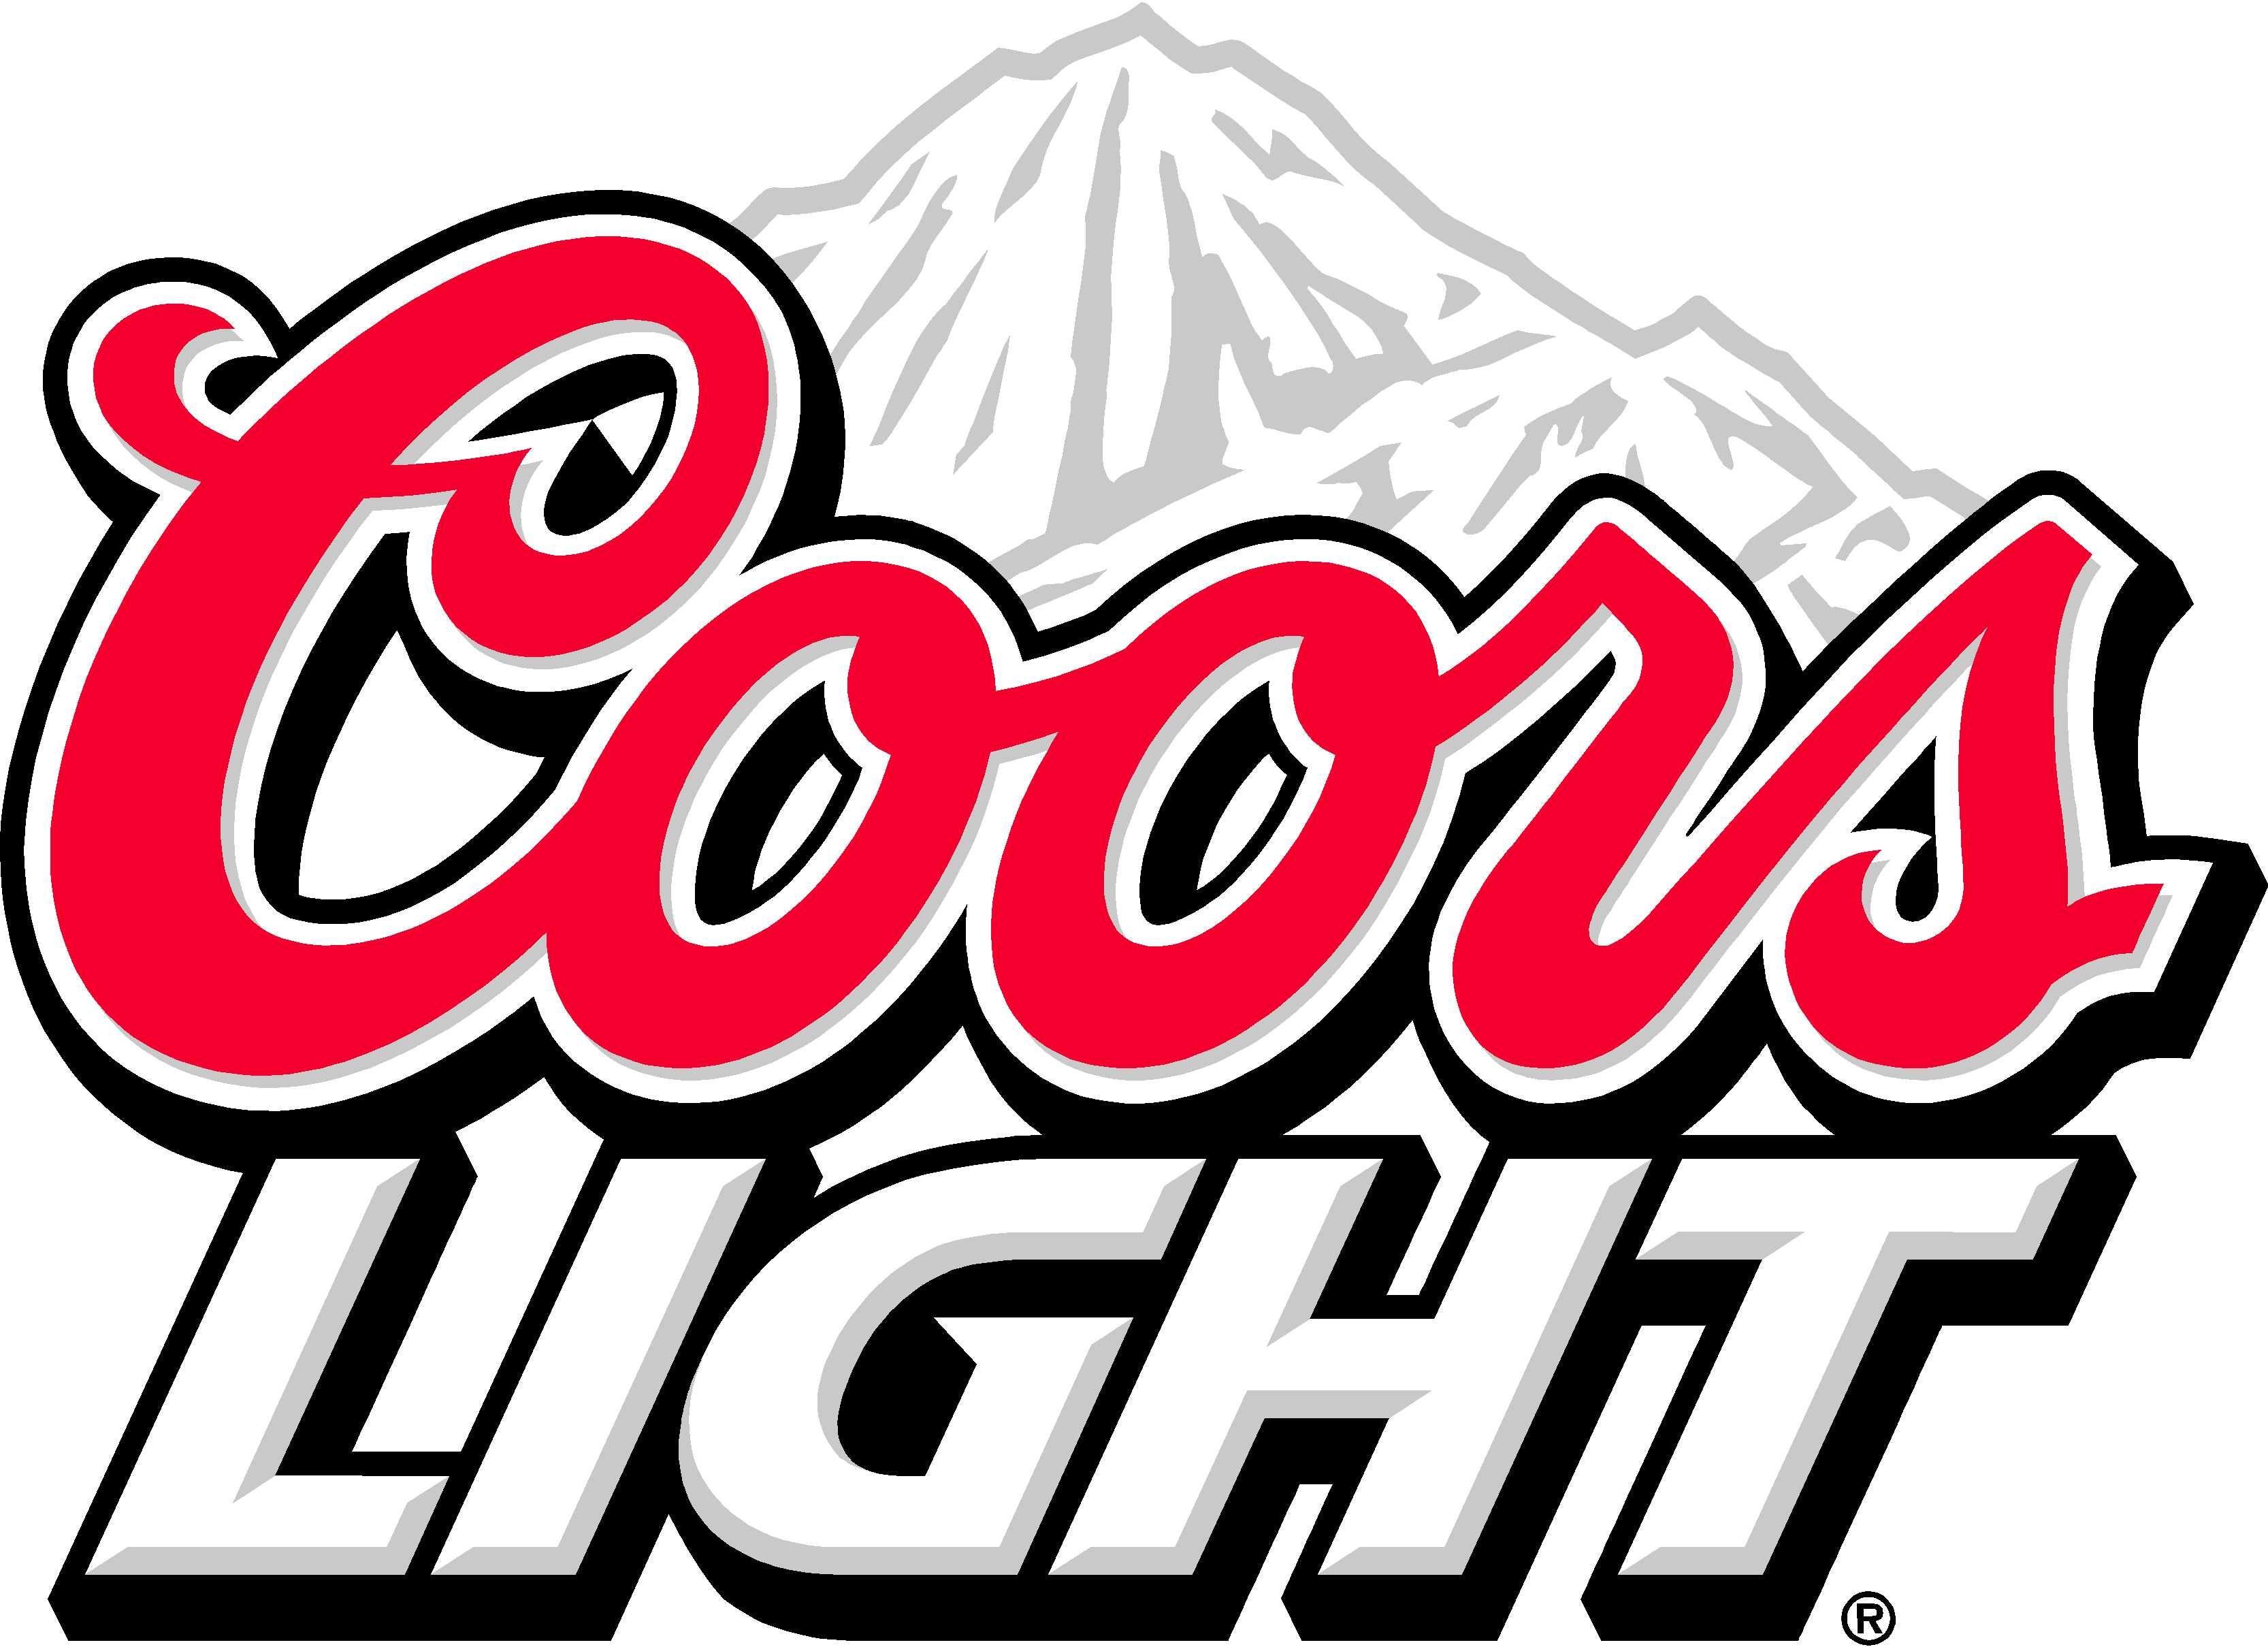 Coors_Light_Logo.jpg 3,332×2,419 pixels | Cake | Pinterest ...